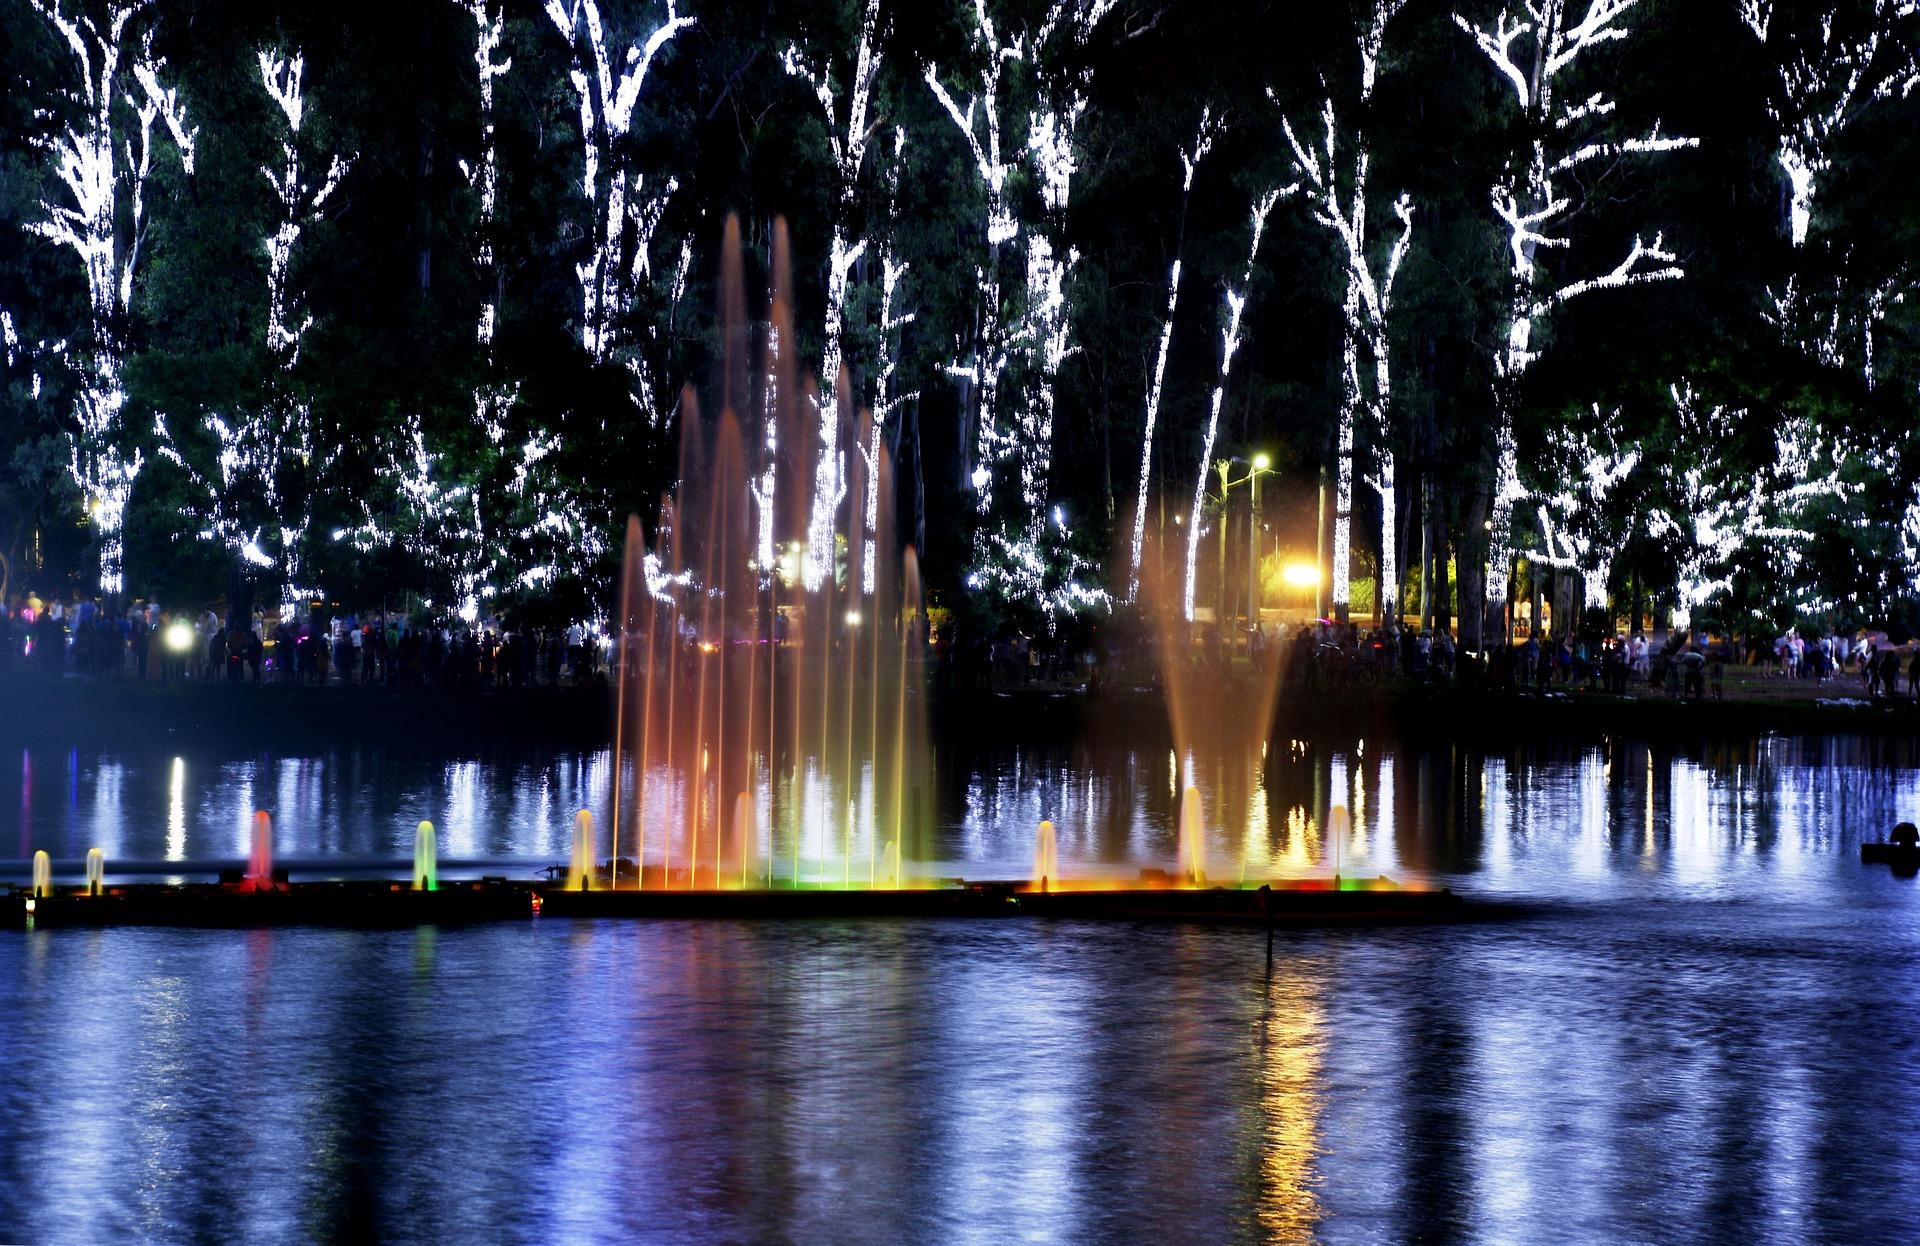 ibirapuera-park-1195180_1920